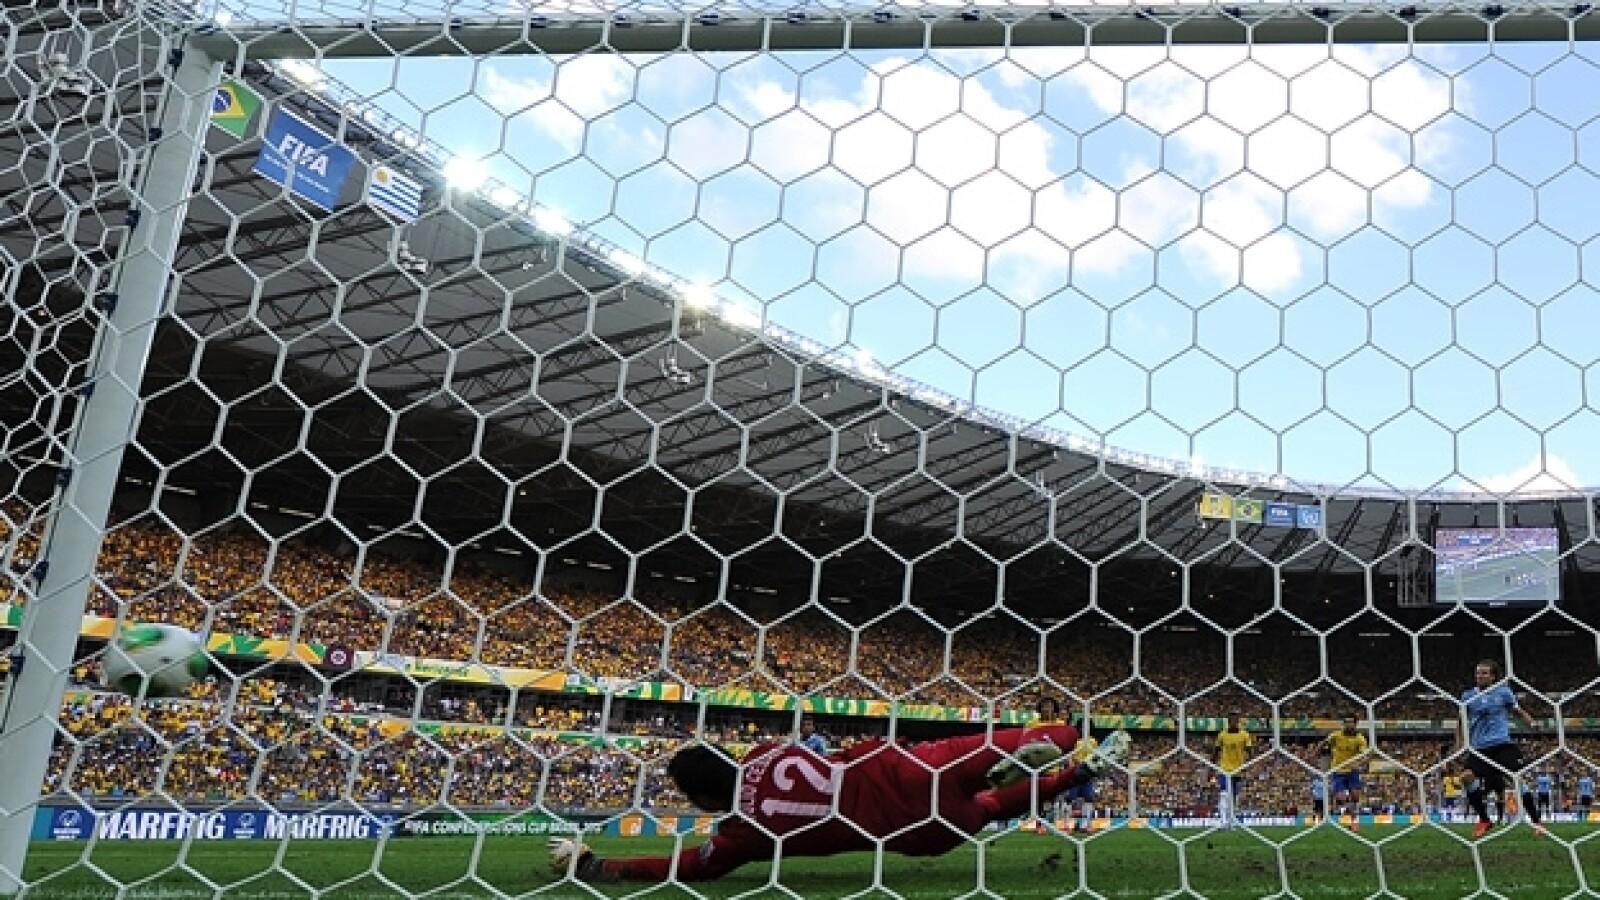 Brasi vs. uruguay 10